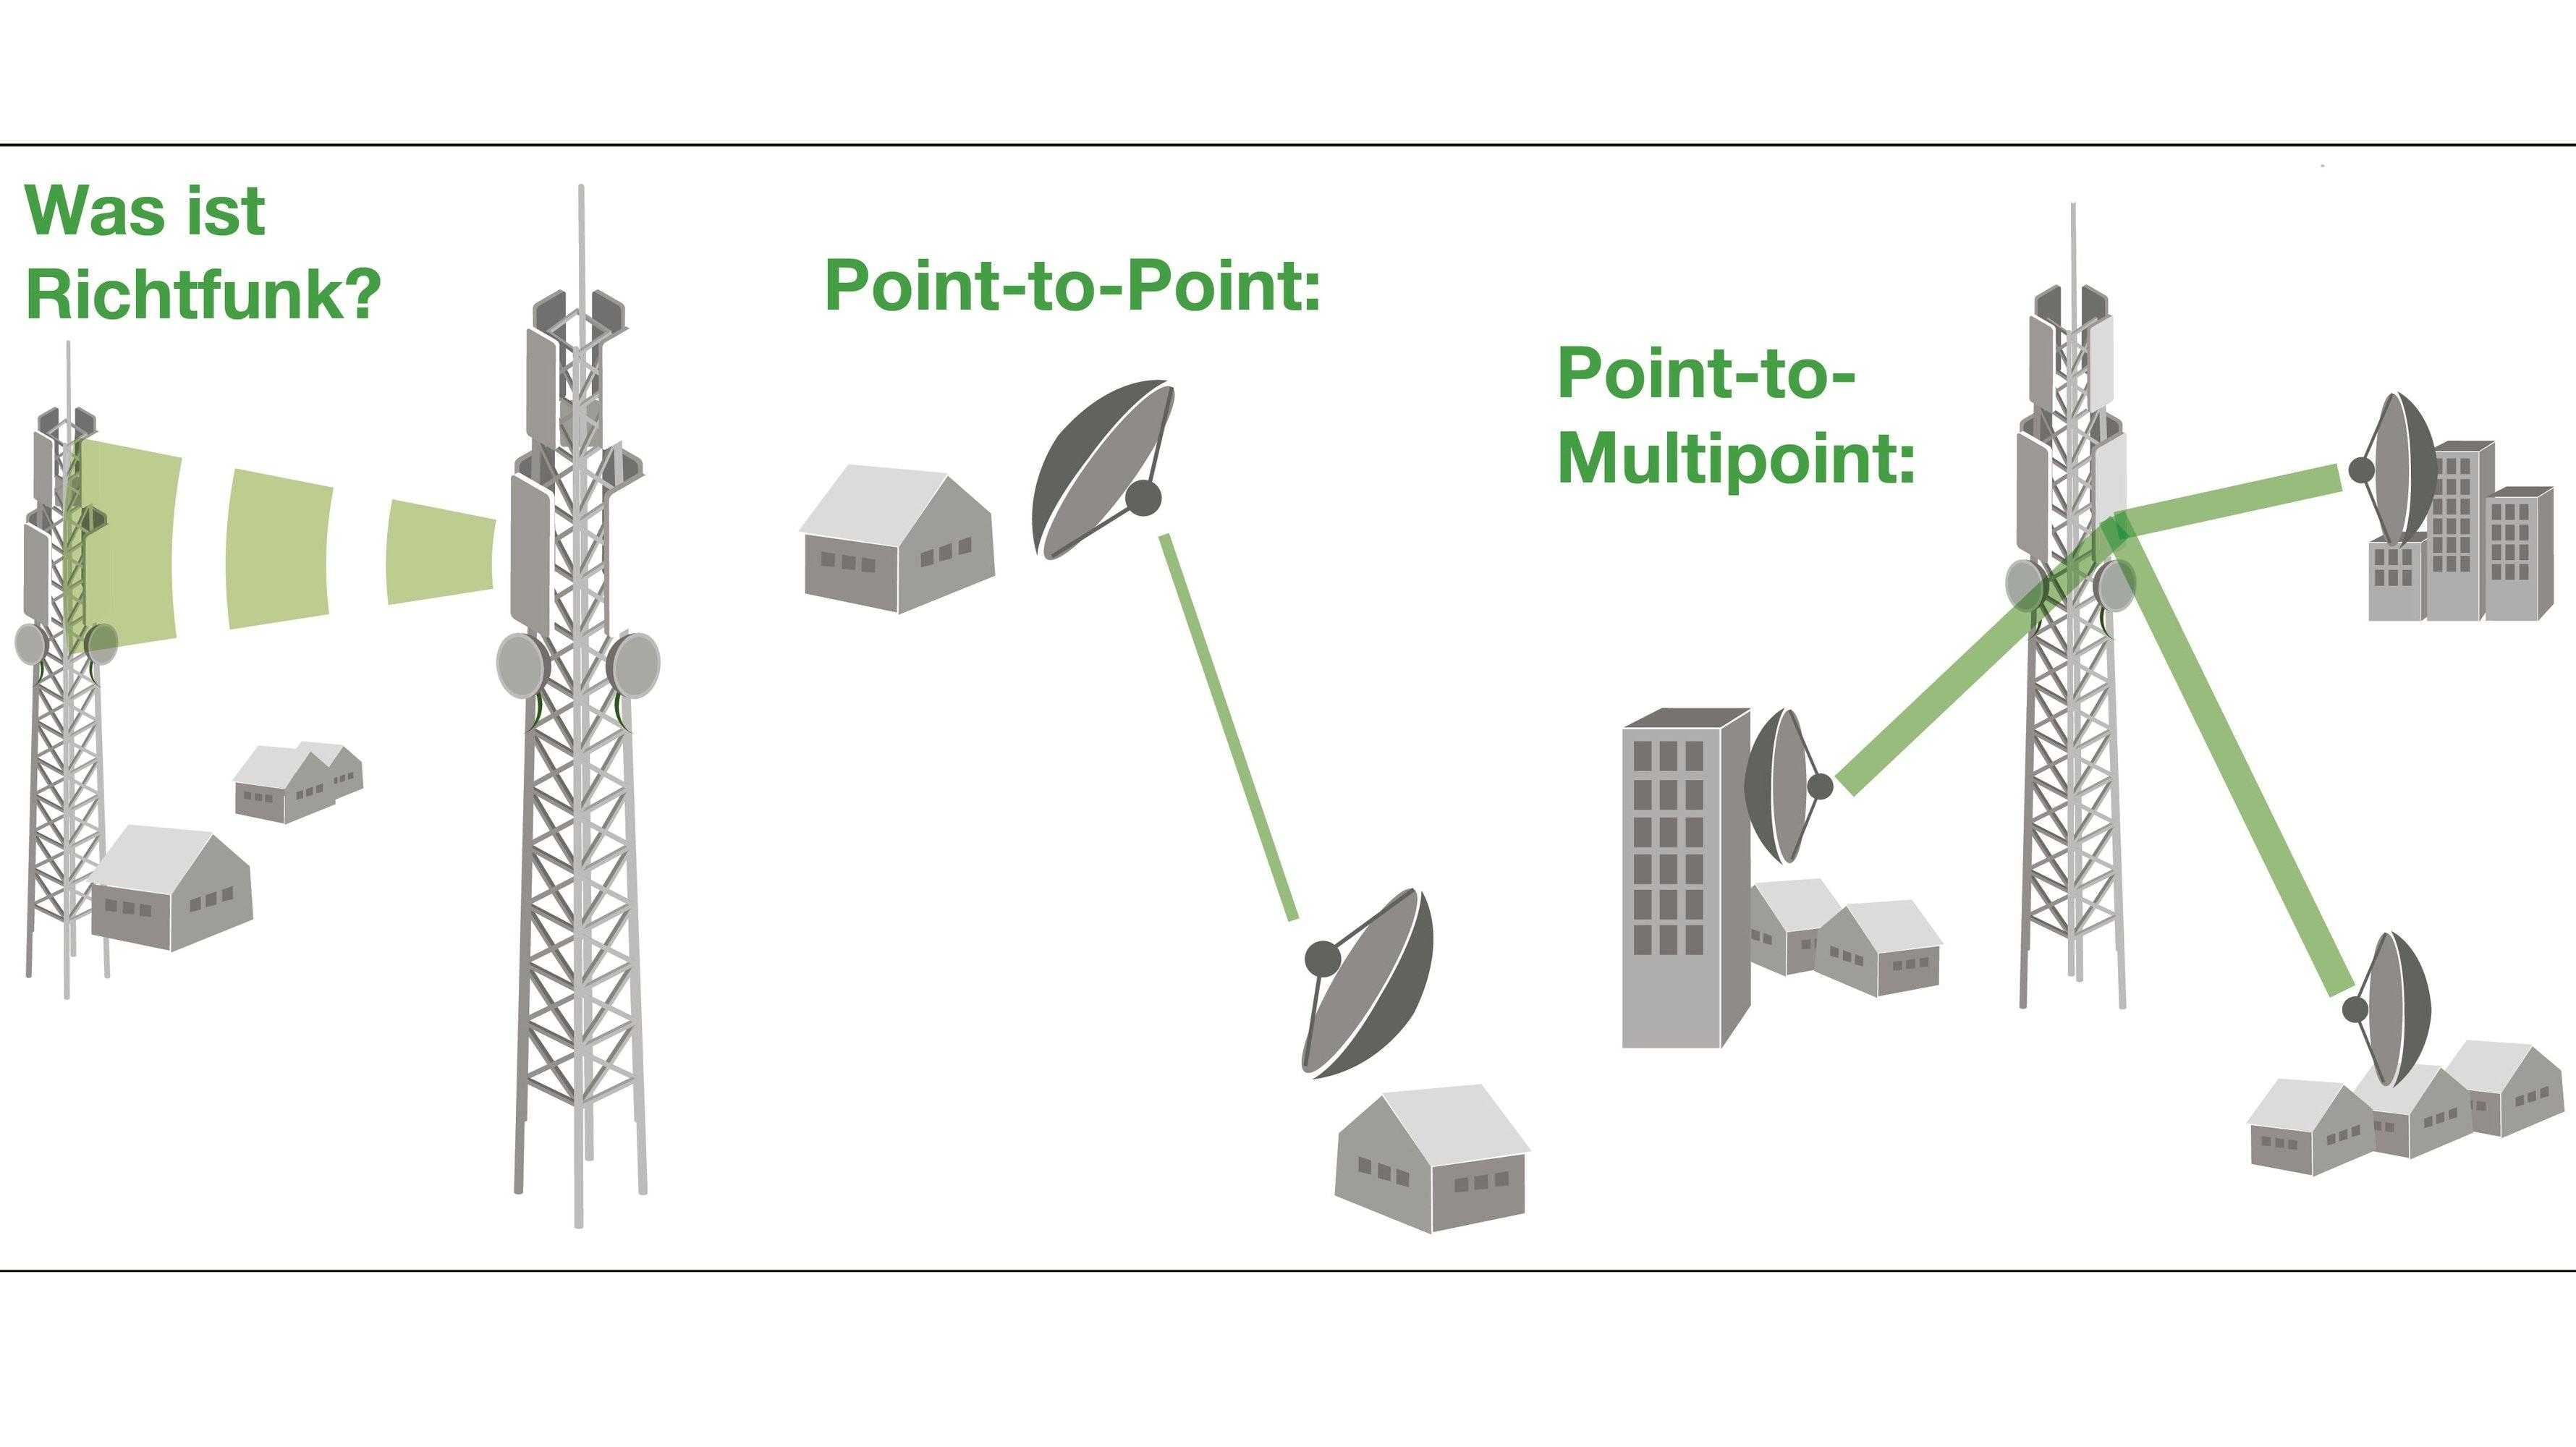 Mit Funkwellen zum Ziel: Über  Richtfunk lassen sich Direktverbindungen zwischen mehreren Standorten herstellen. Grafik: emslandtel.net